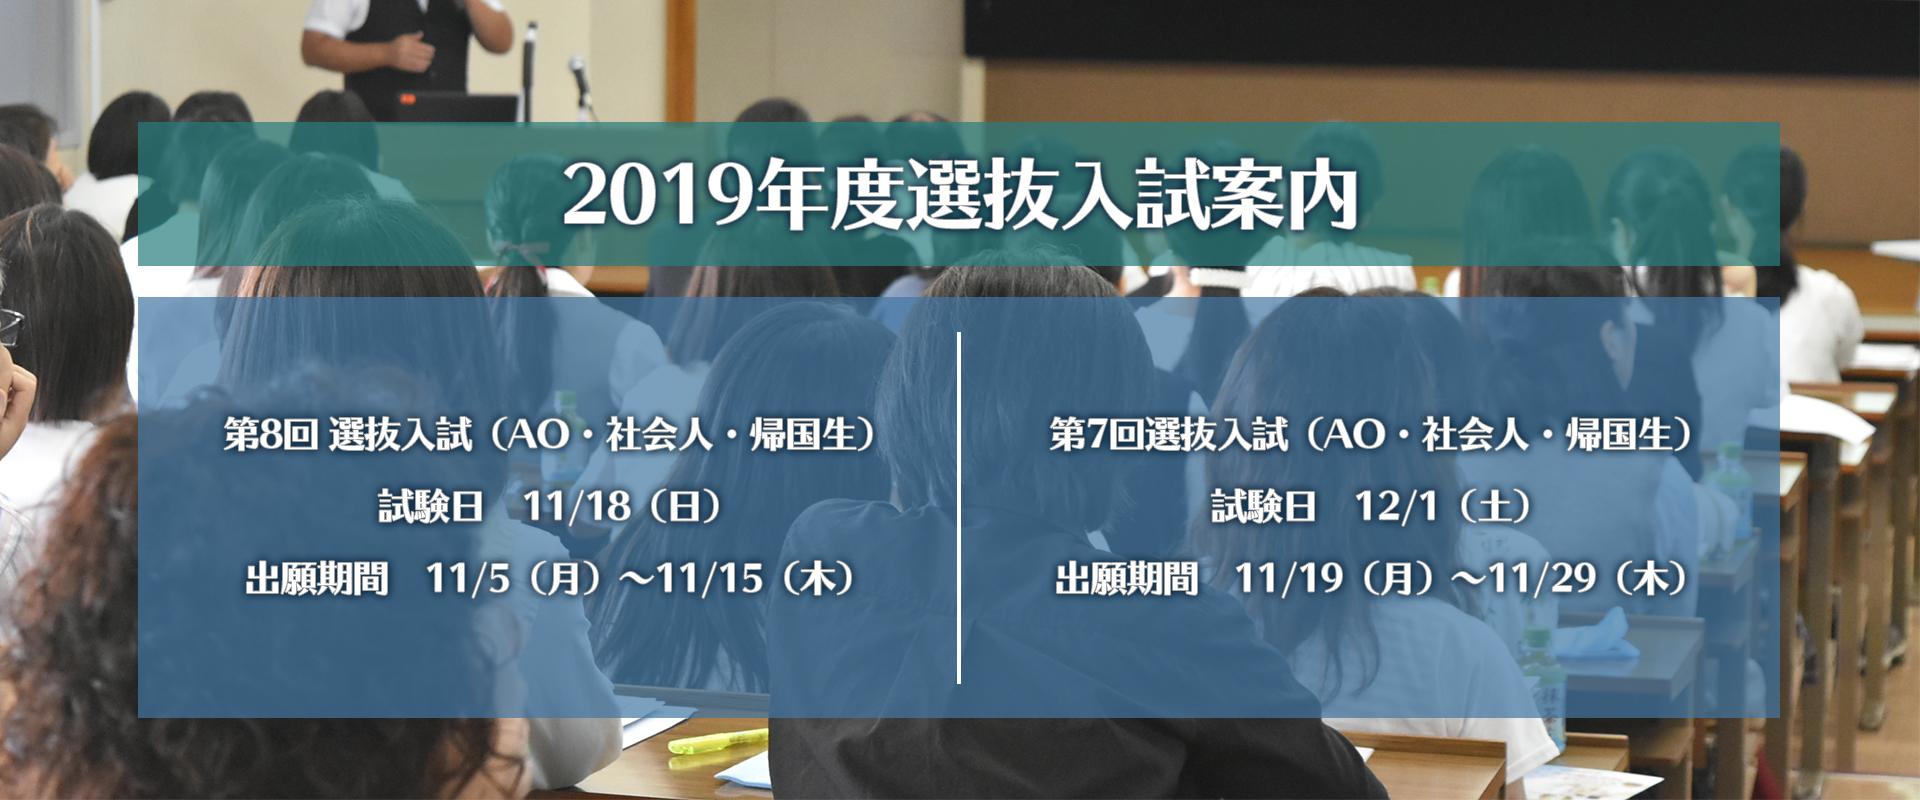 2019年度 保健医療学部 選抜入試【AO入試(自己推薦)・社会人、帰国生徒】